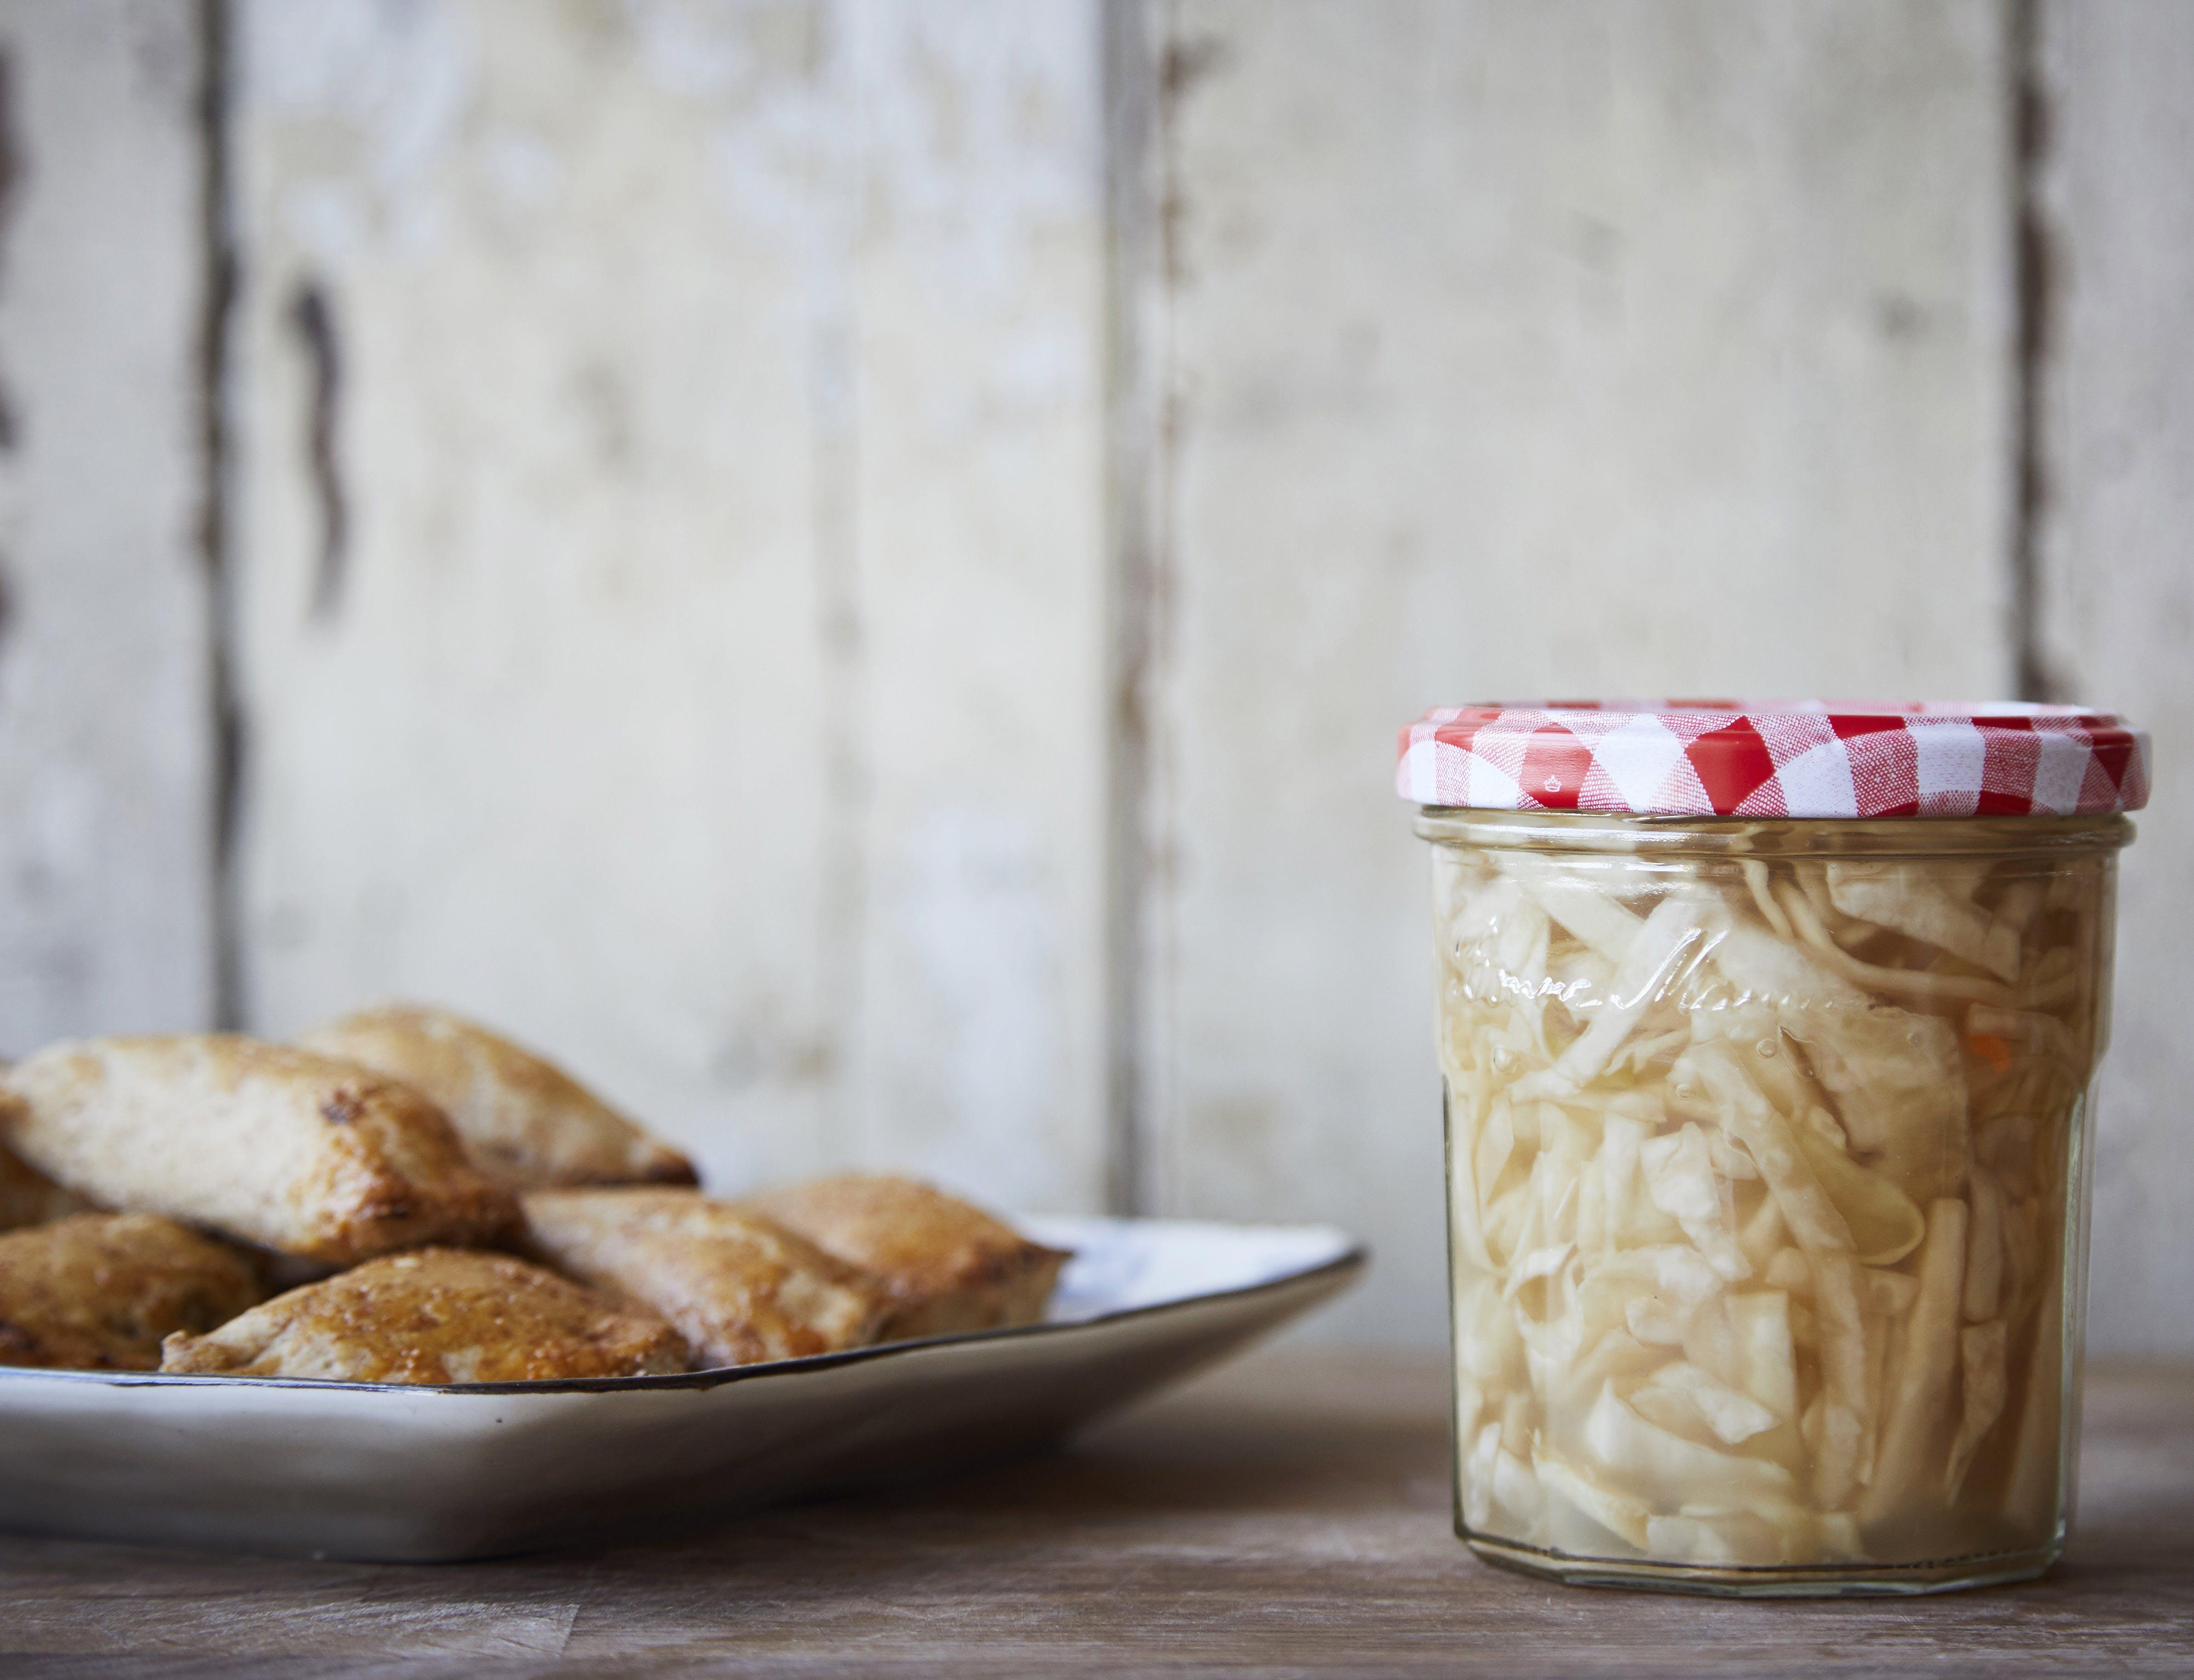 Baked Sauerkraut Pierogi